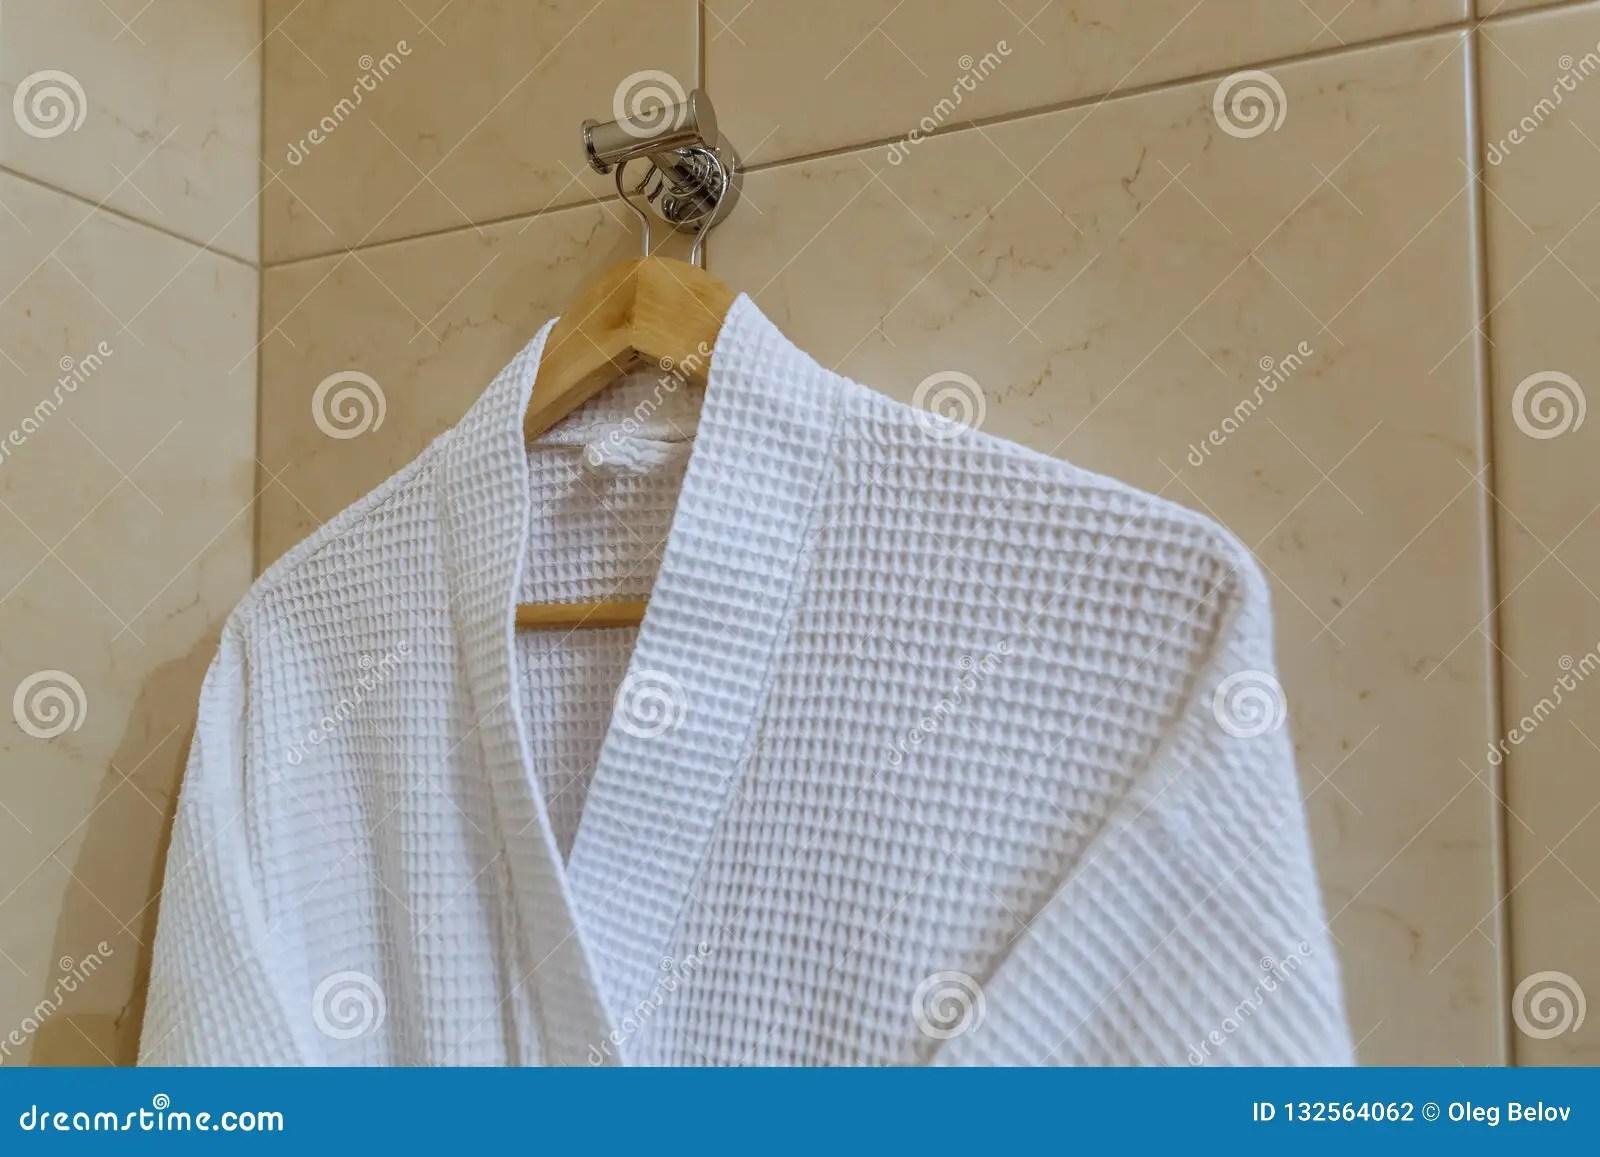 Le Peignoir Blanc De Textile Accroche Sur Le Crochet Dans La Salle De Bains Photo Stock Image Du Crochet Bains 132564062